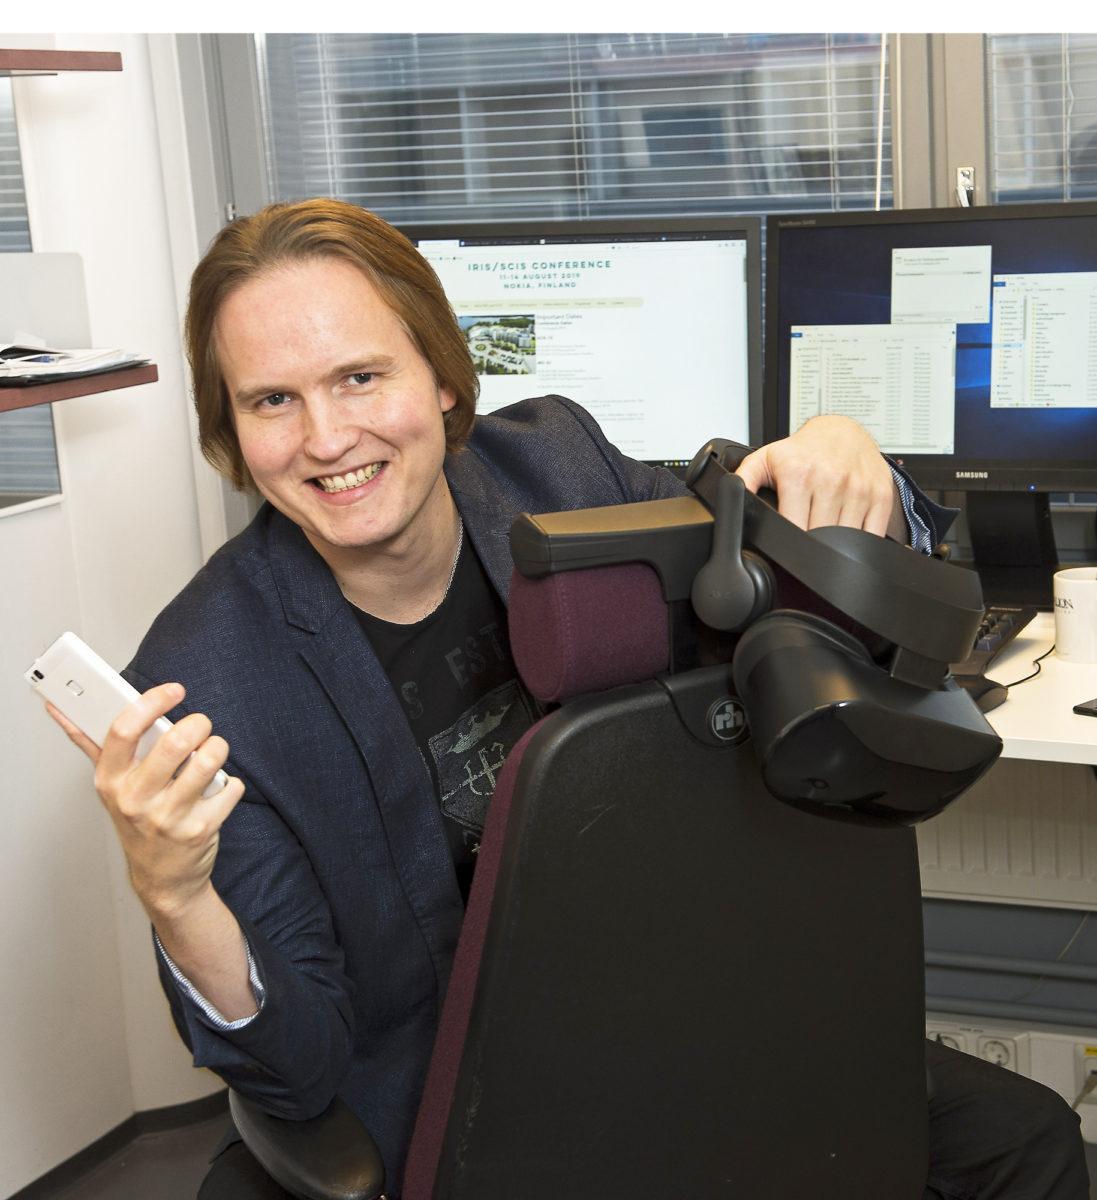 Henri Pirkkalainen rakastaa teknologiaa, vaikka tutkii sen epätoivottuja vaikutuksia.